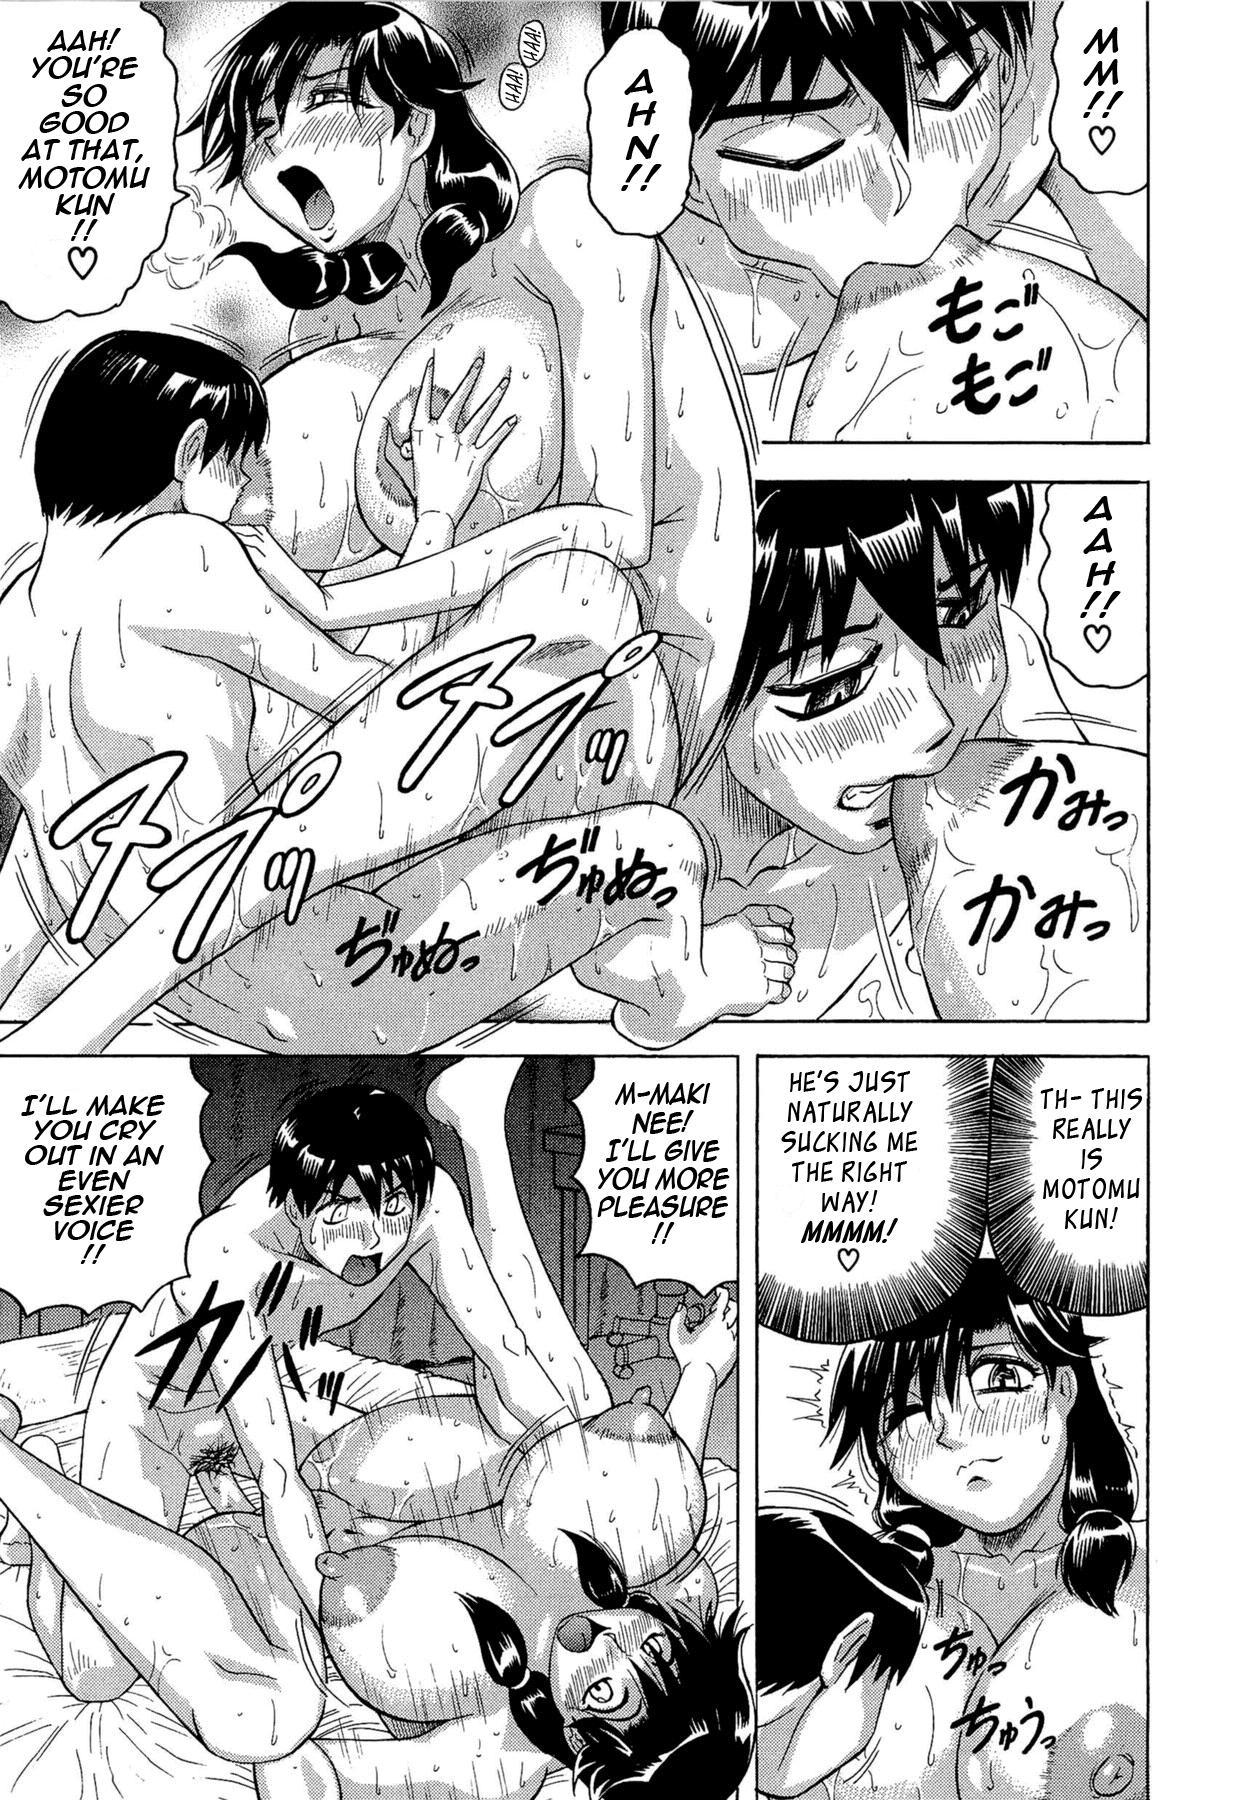 [Jamming] Koibito ha Tonari no Oneesan (Hatsujyouki) | My Lover is the Girl Next Door [English] {Tadanohito} 156